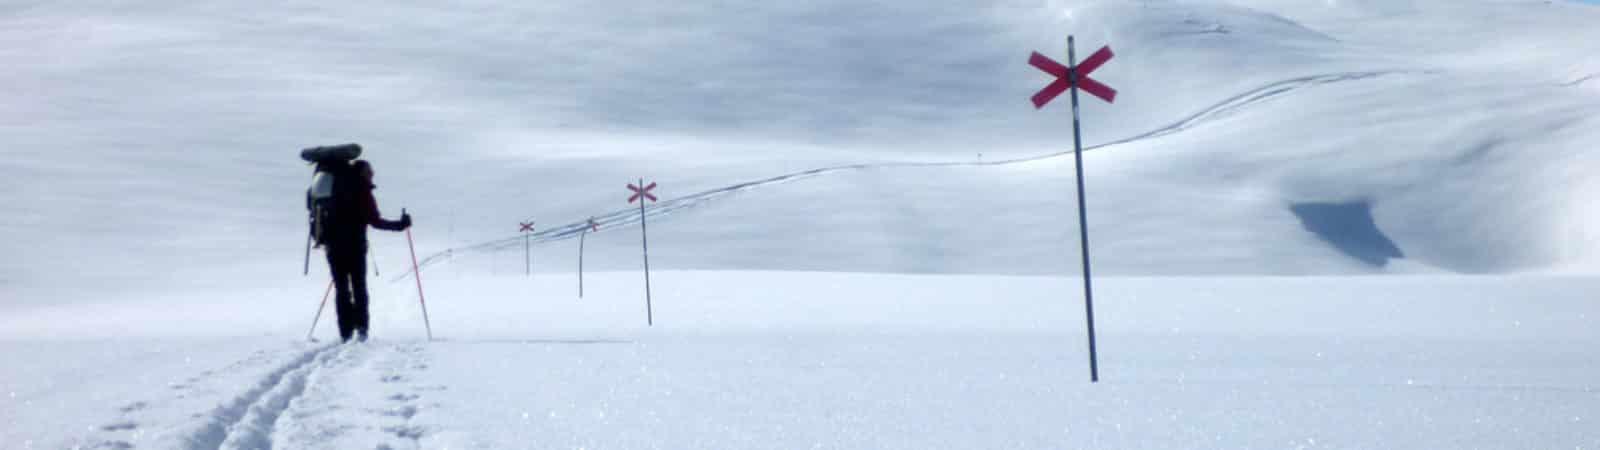 8-day Kungsleden ski touring from Abisko to Nikkaluokta